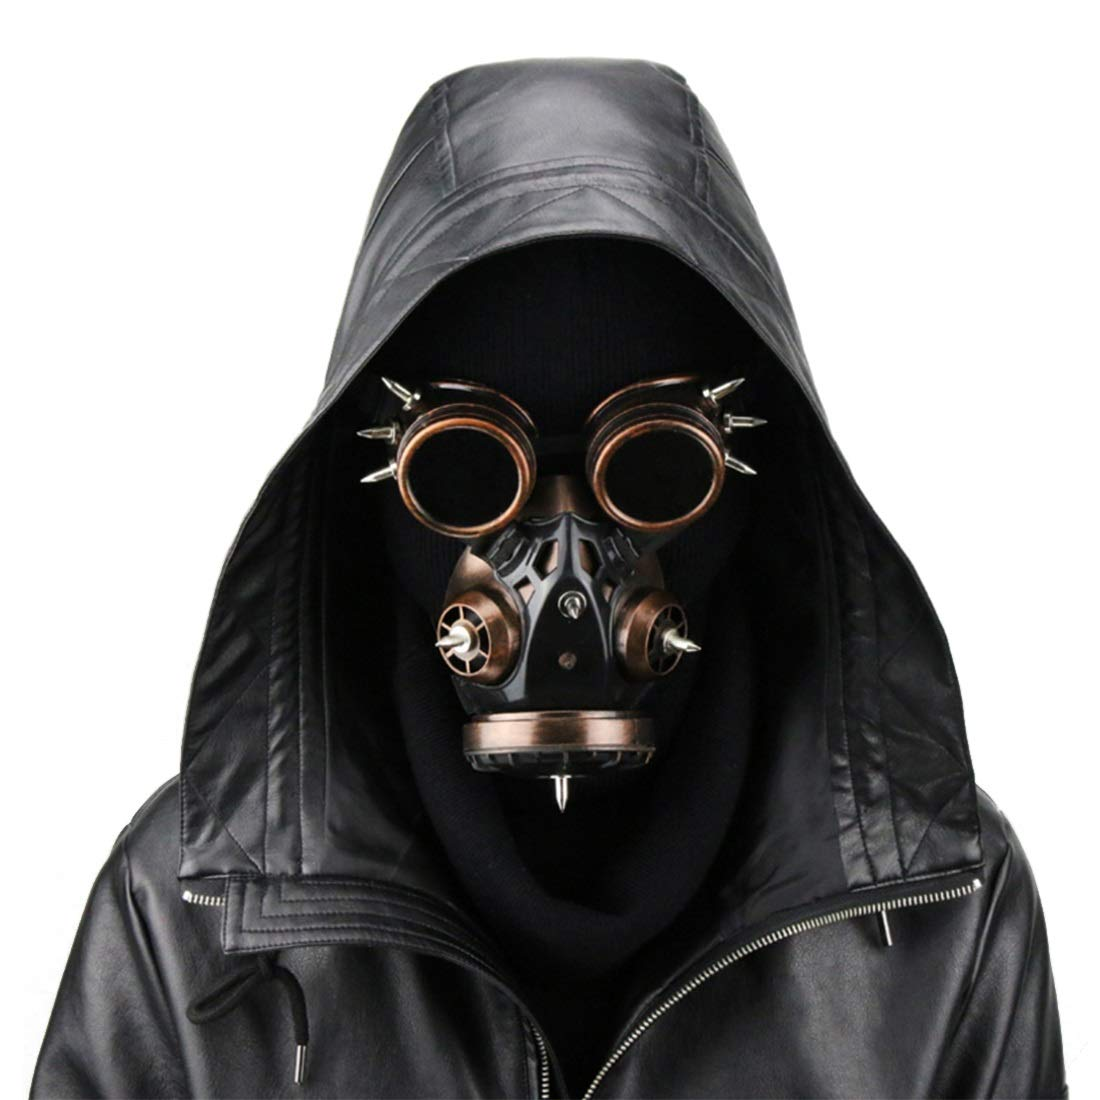 UZZHANG Biohazard Steampunk Gasmaske Goggles Spikes Skeleton Krieger Death Mask Masquerade Cosplay Halloween Kostüm Requisiten (Farbe   Style2) Style2